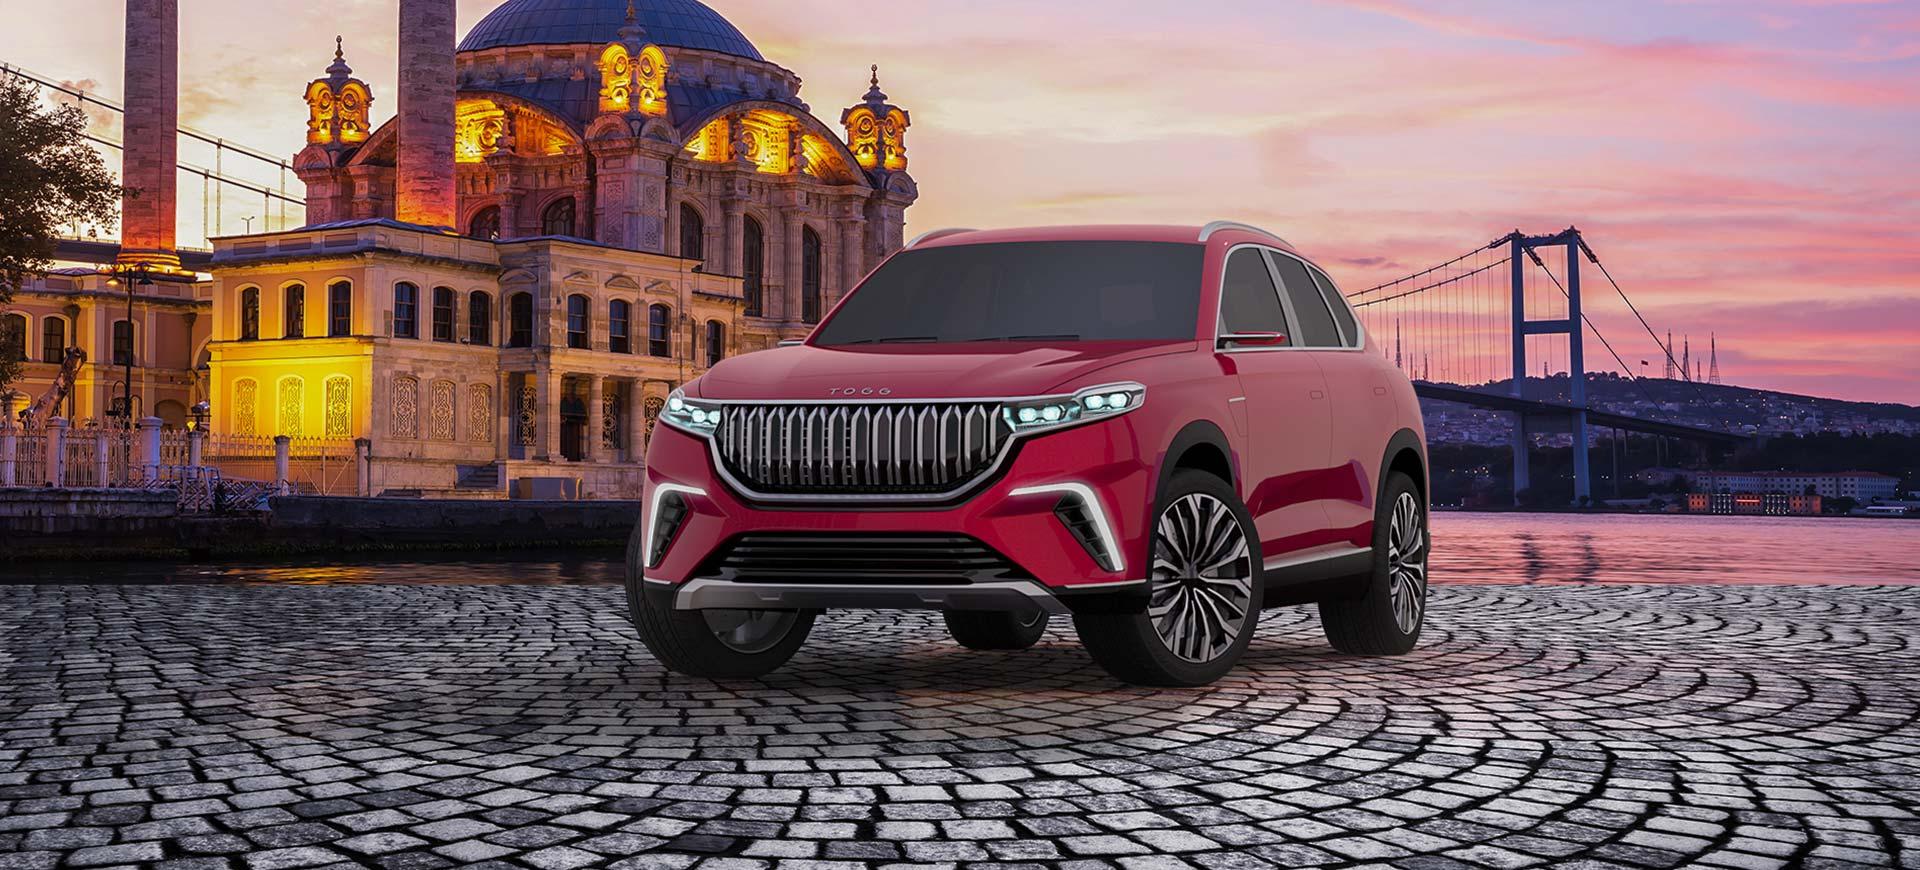 Türkiye'nin Otomobili Girişim Grubu'nun (TOGG), 2022 yılında üretimine başlayacağı yerli otomobil TOGG SUV modeli.